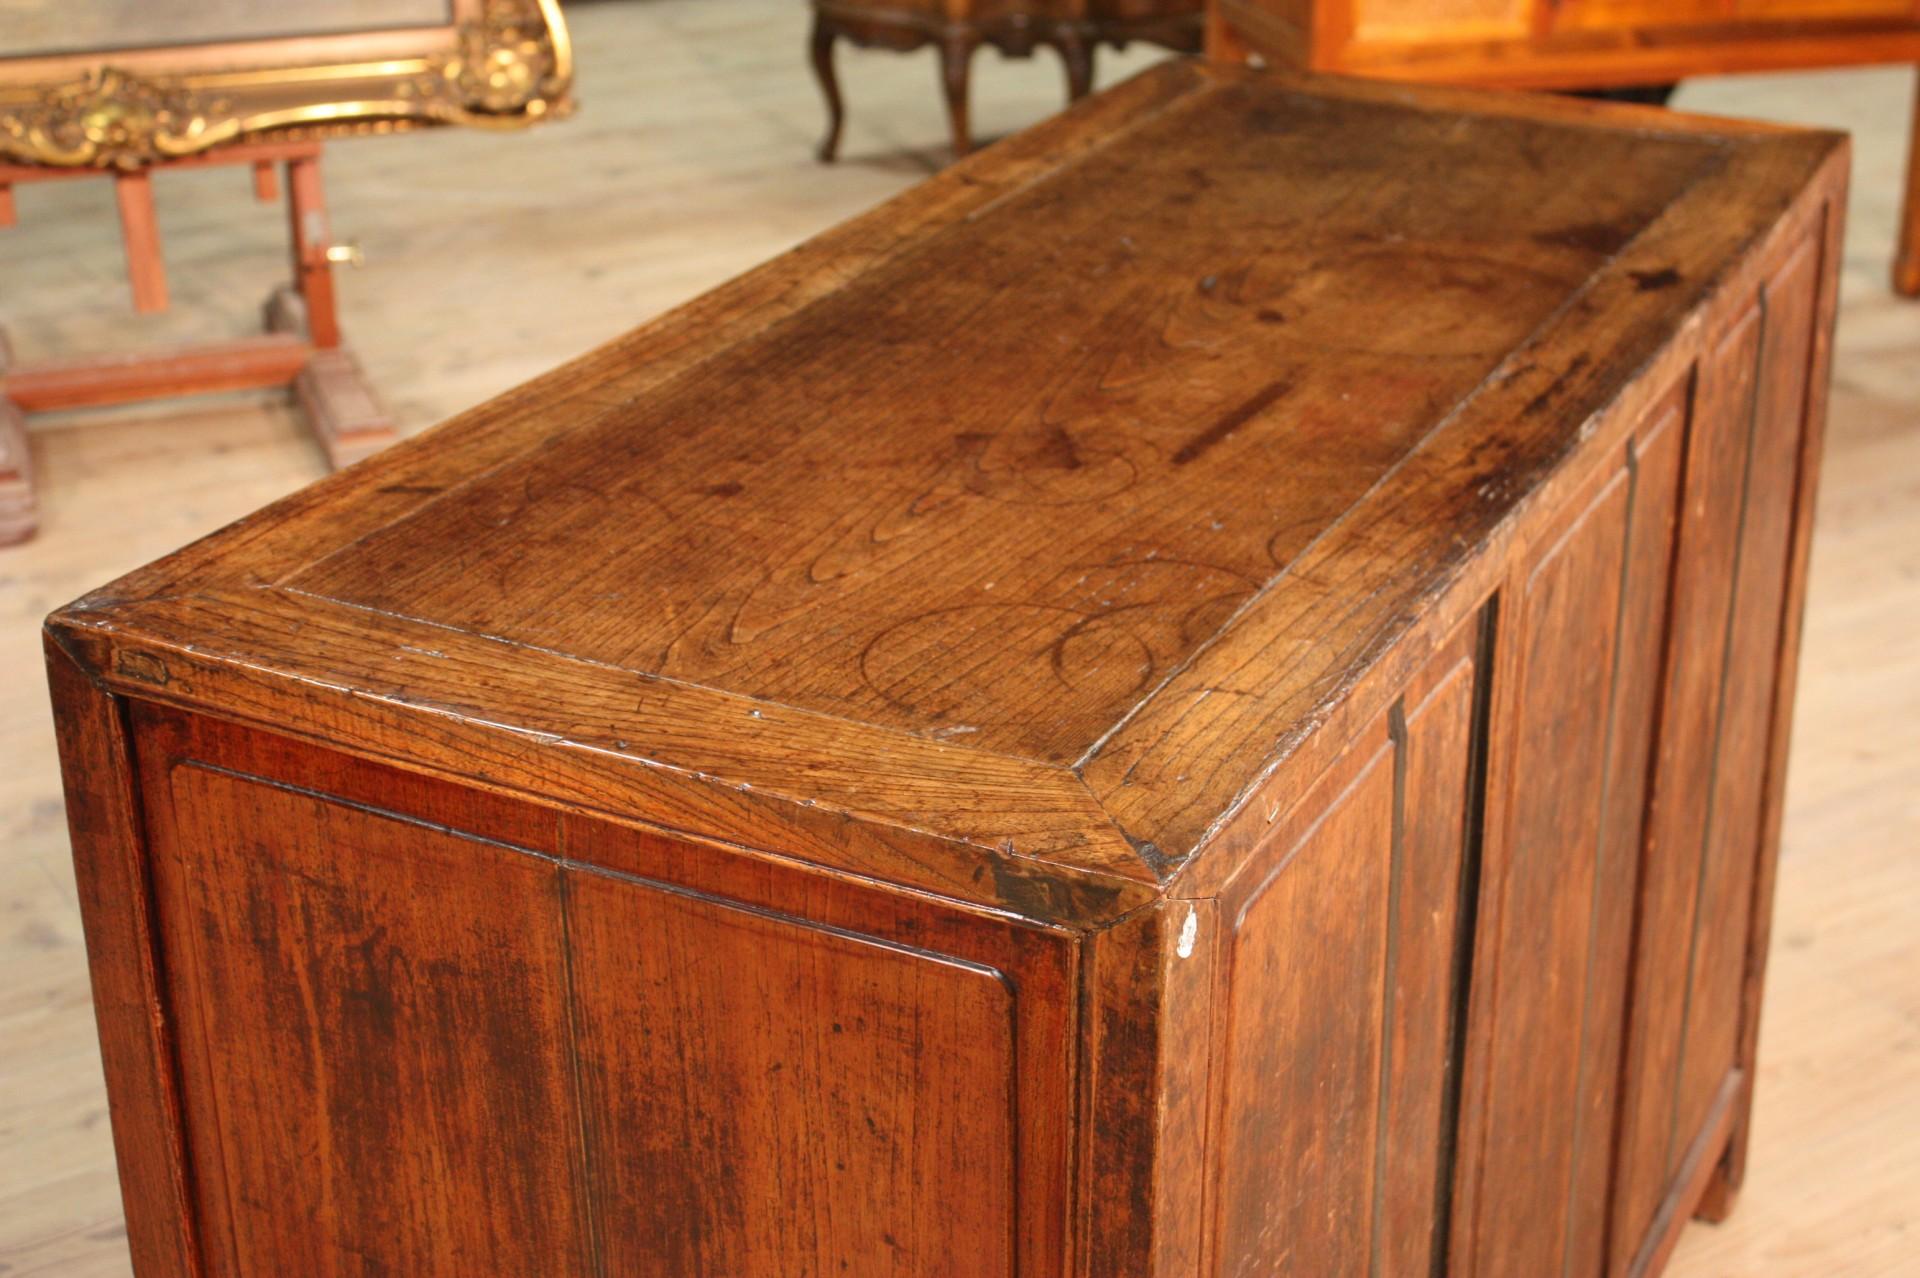 Credenza Rustica In Legno : Credenza orientale rustica in legno vendita online antiquariato